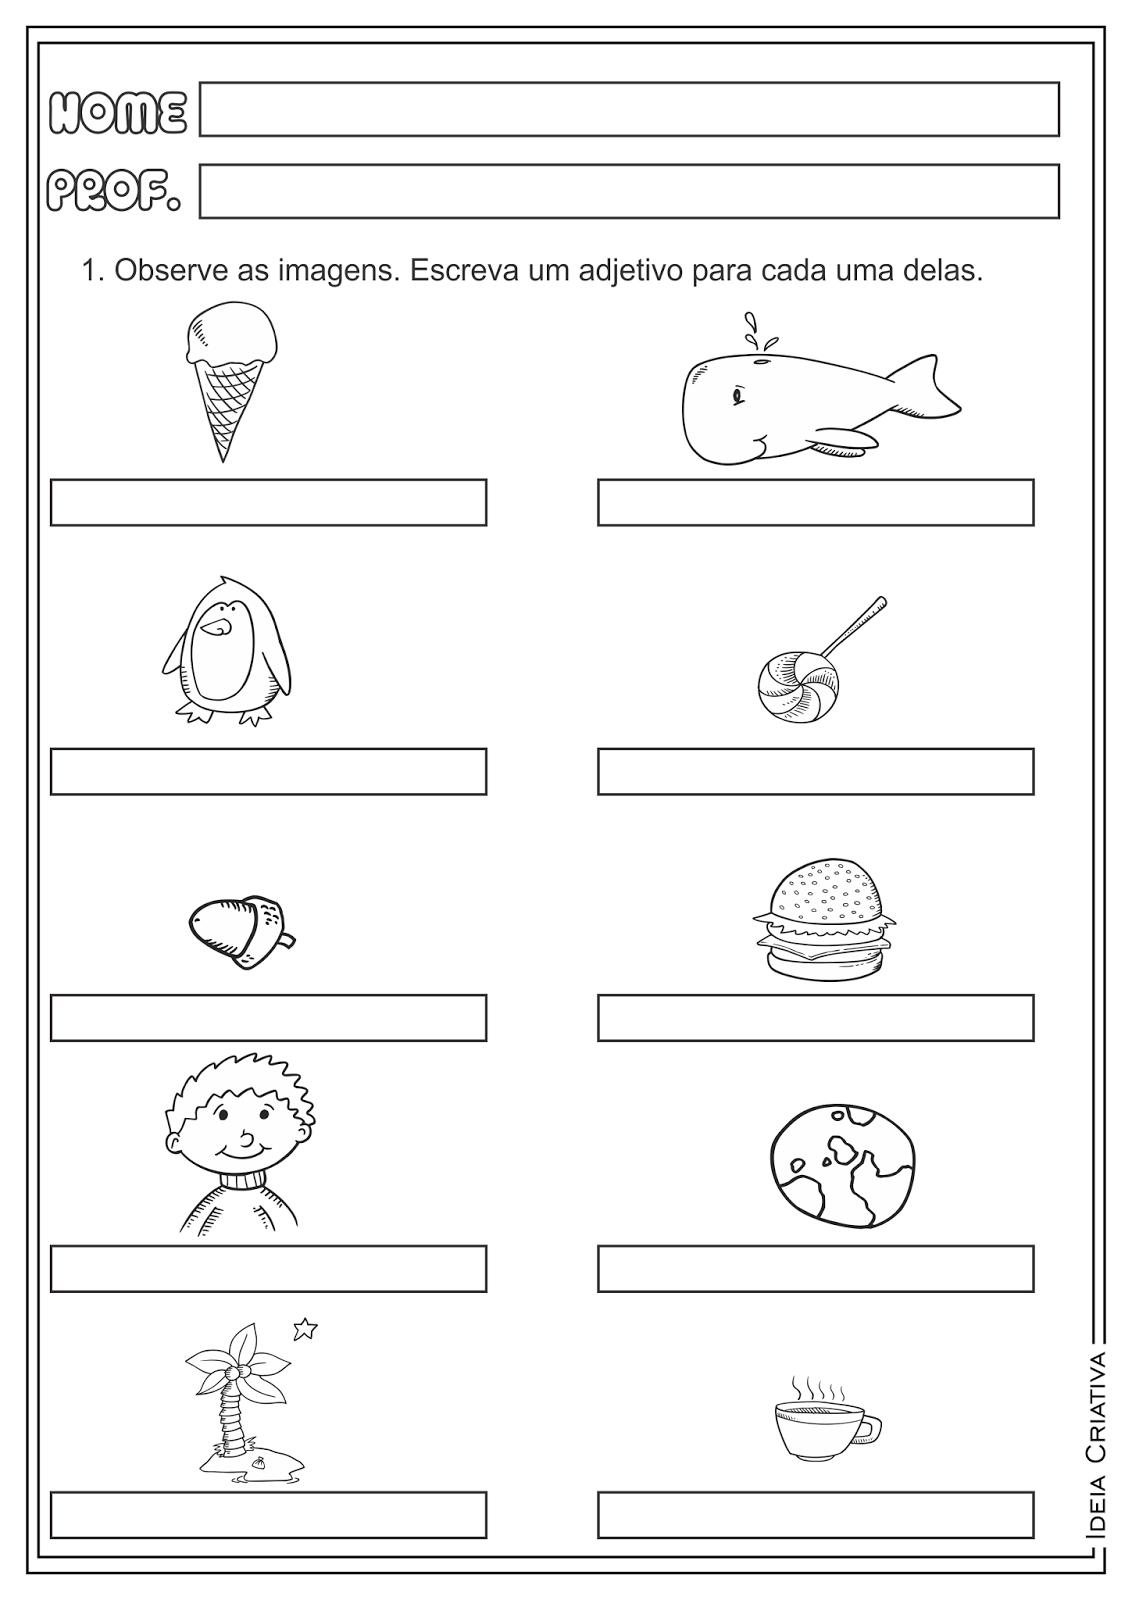 Adjetivo Classe Gramatical Atividade Educativa Ensino Fundamental